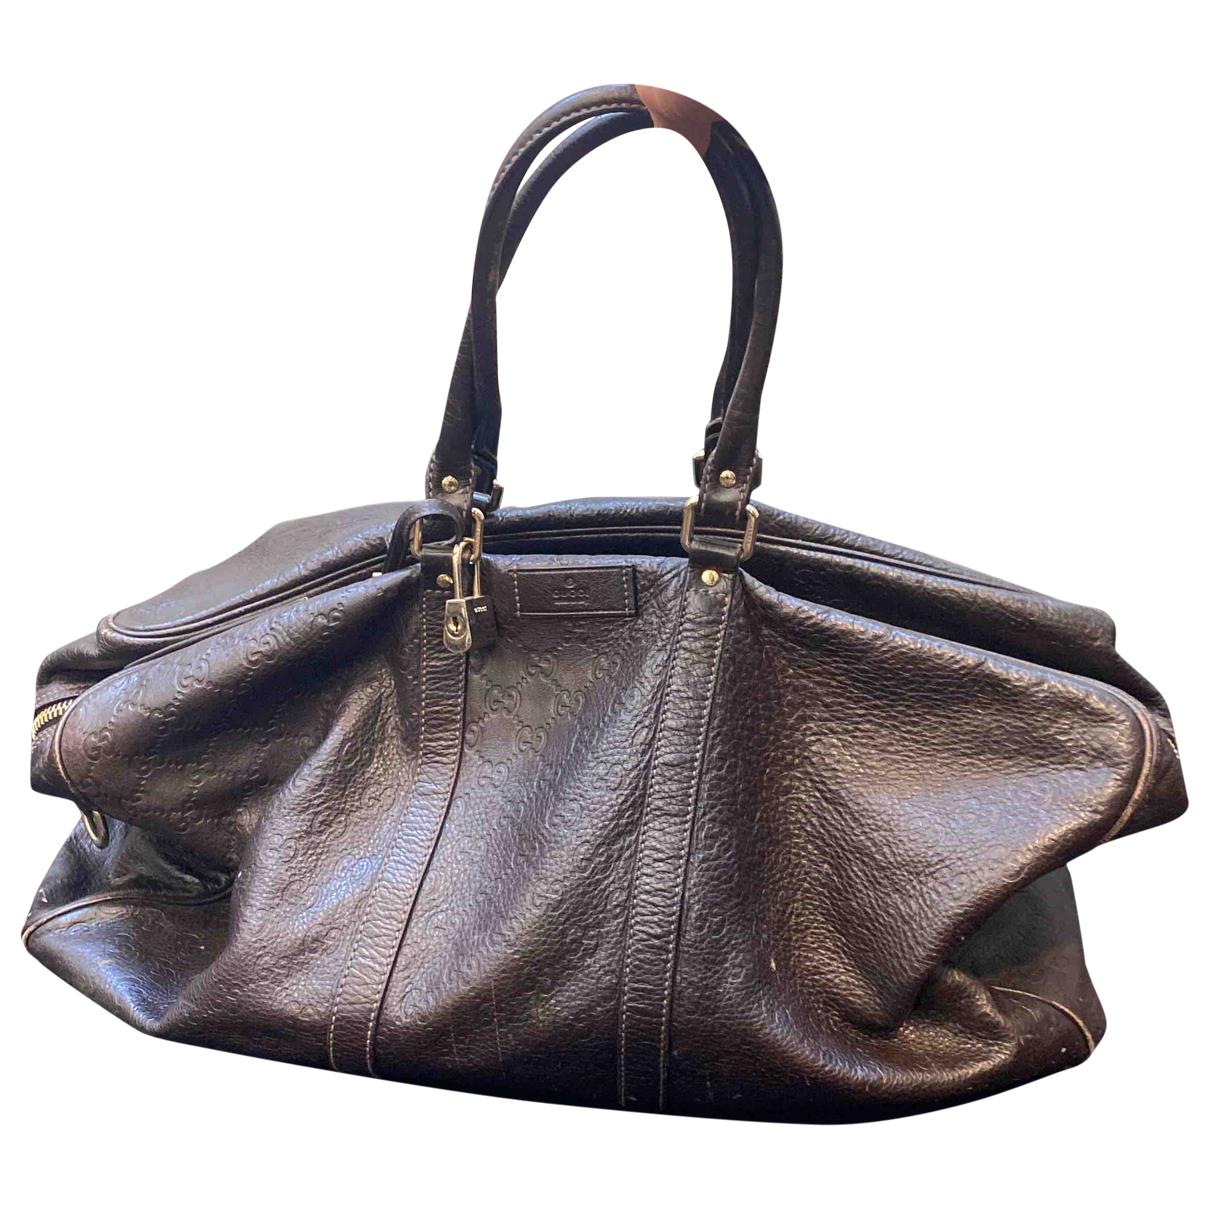 Gucci - Sac de voyage   pour femme en cuir - marron